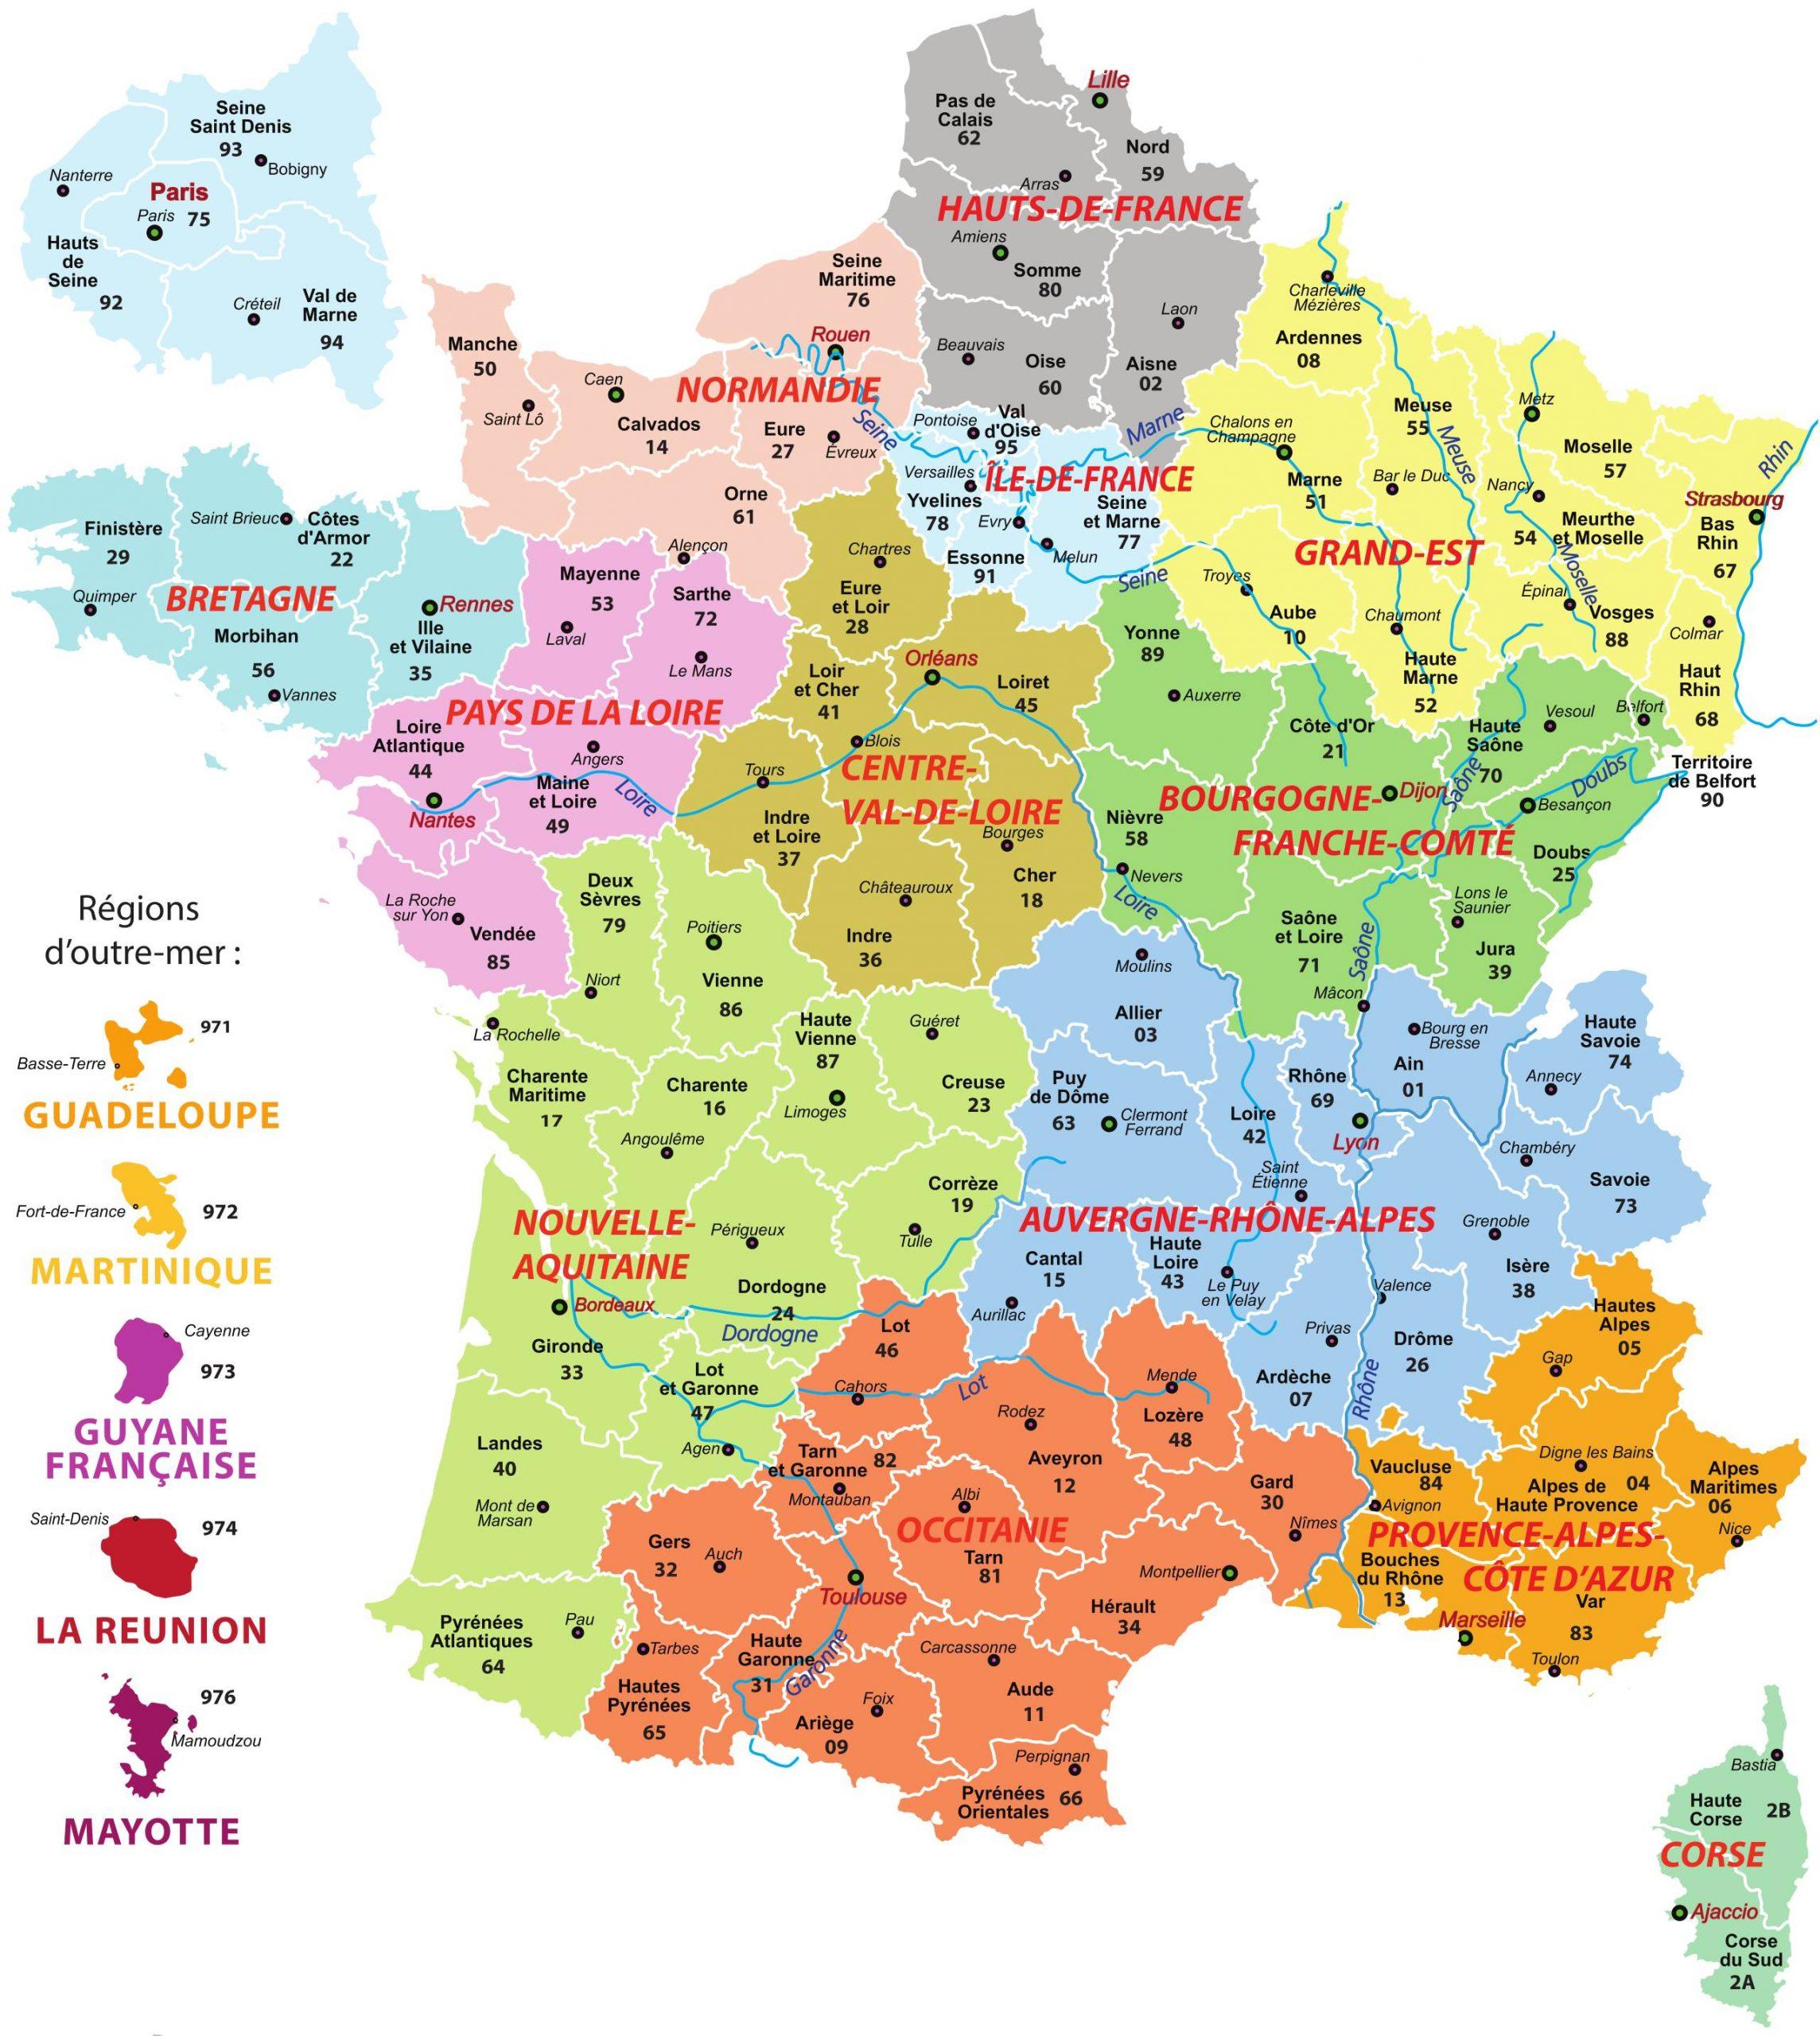 Cartes De France : Cartes Des Régions, Départements Et dedans Petite Carte De France